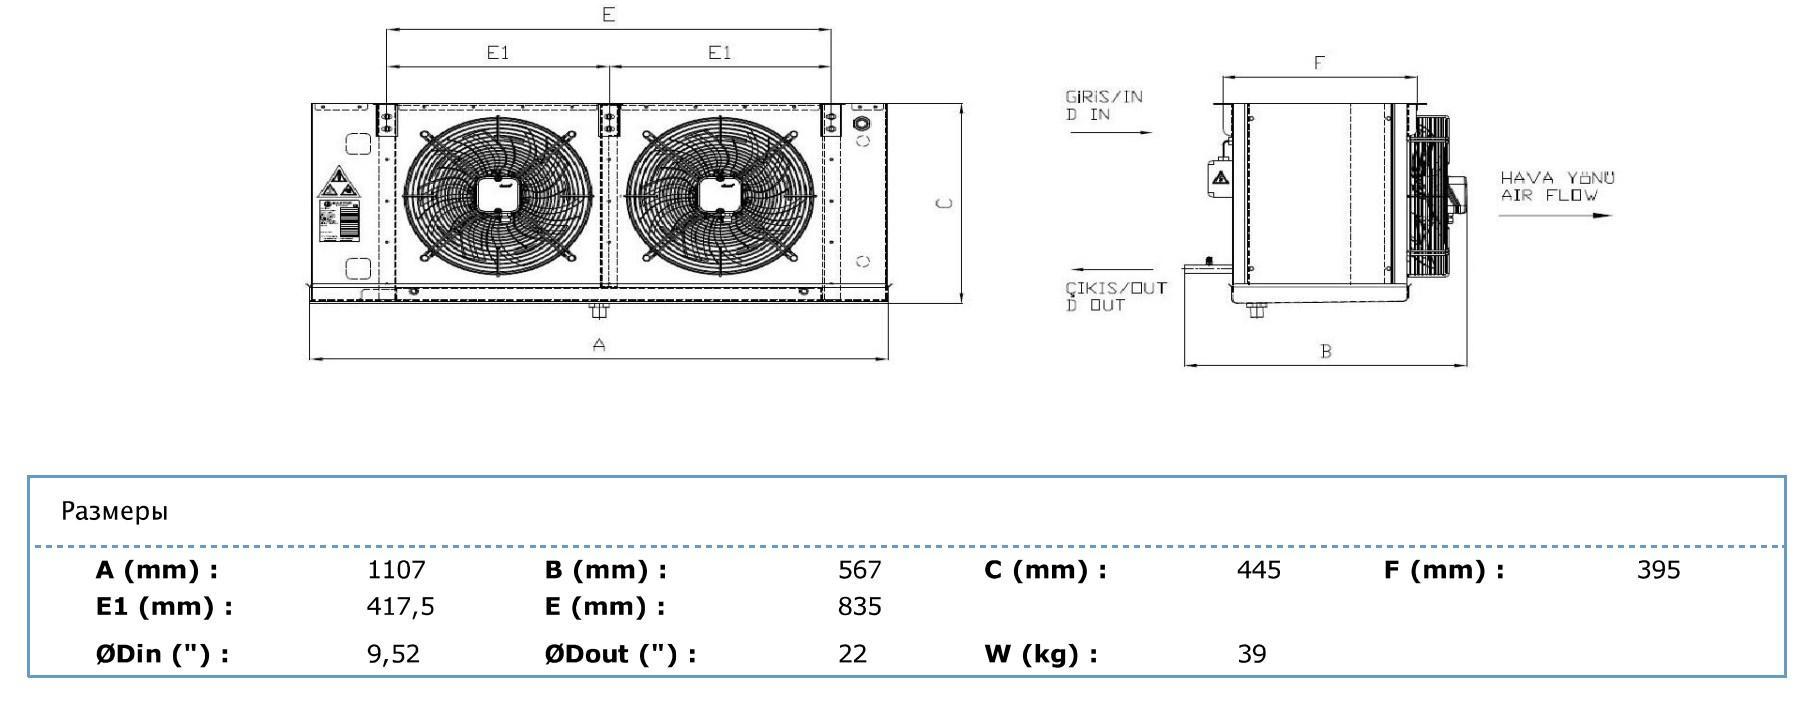 Габаритные и присоединительные размеры Karyer EA-230AE8-C01